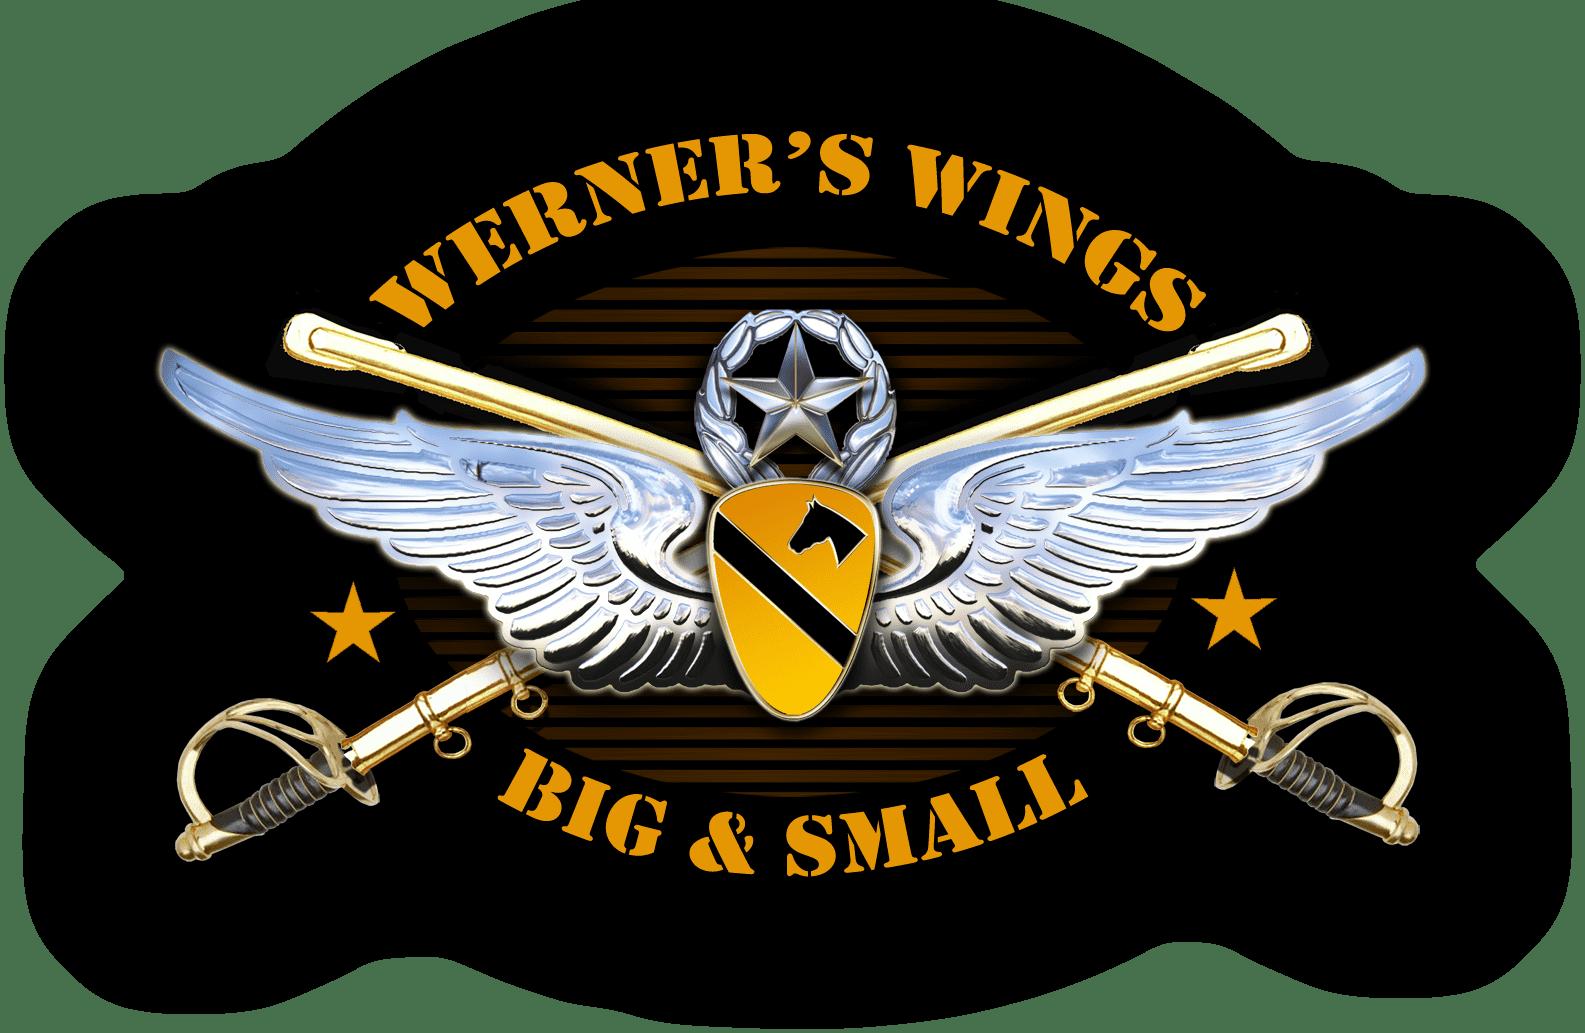 Werner's Wings